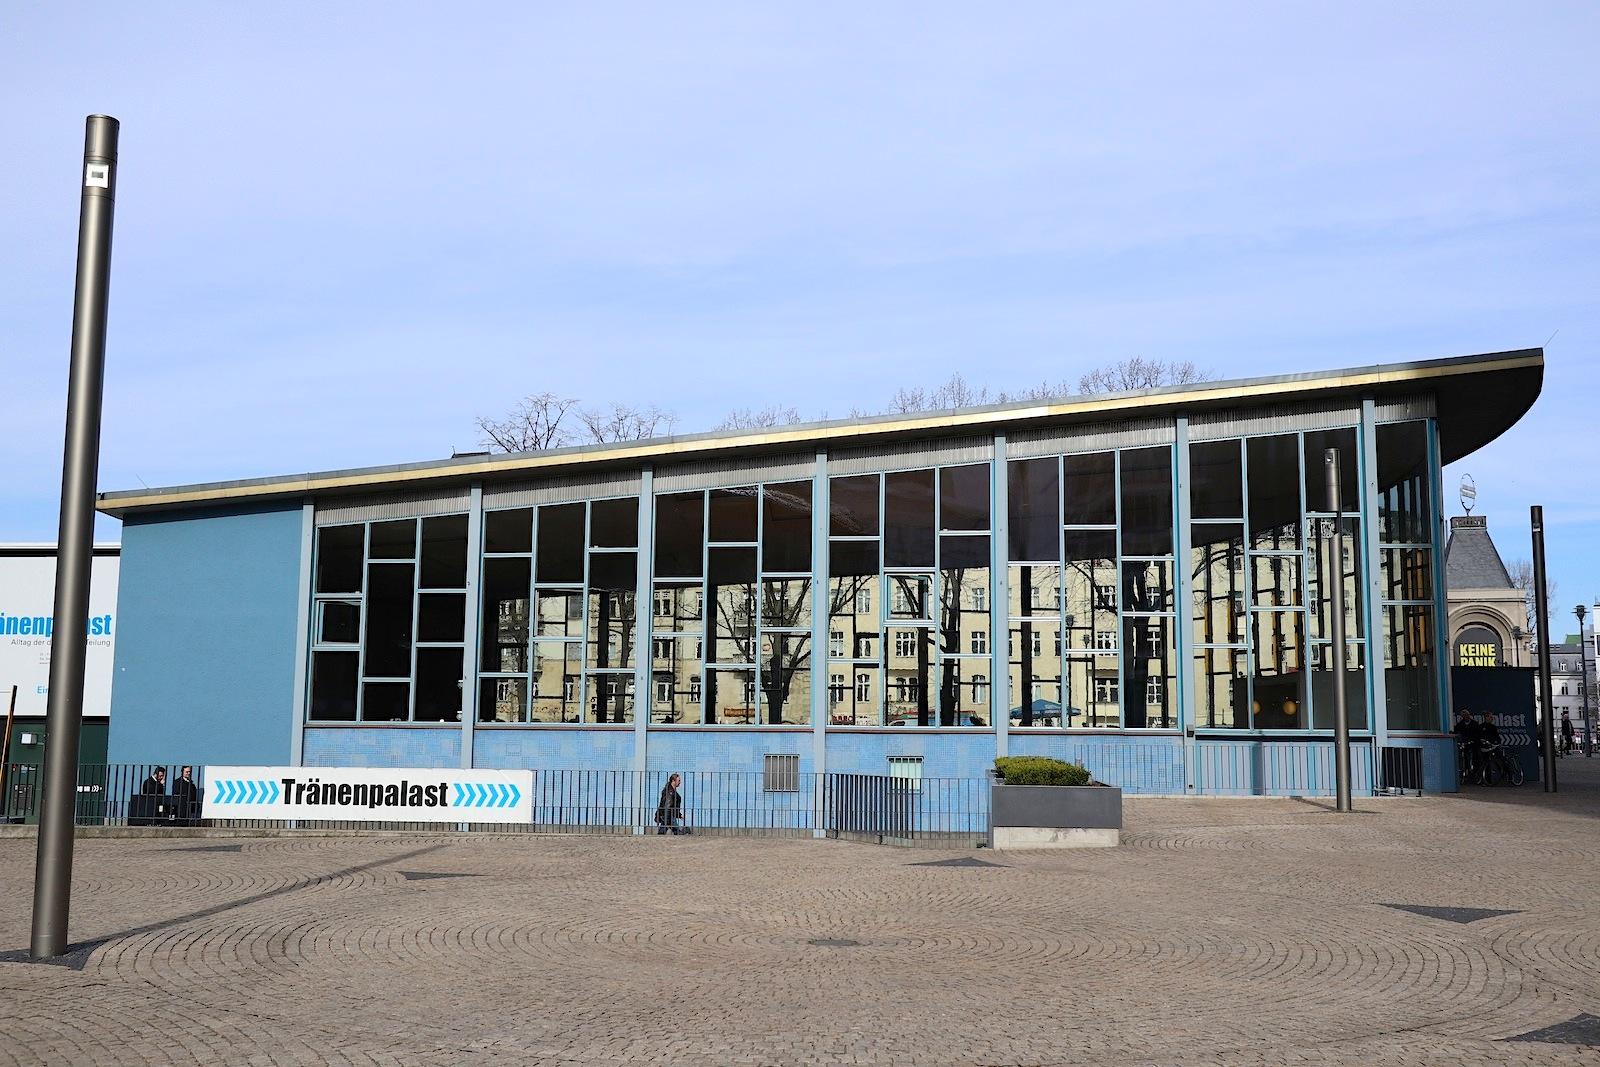 Tränenpalast. Transparent, gläsern, modern